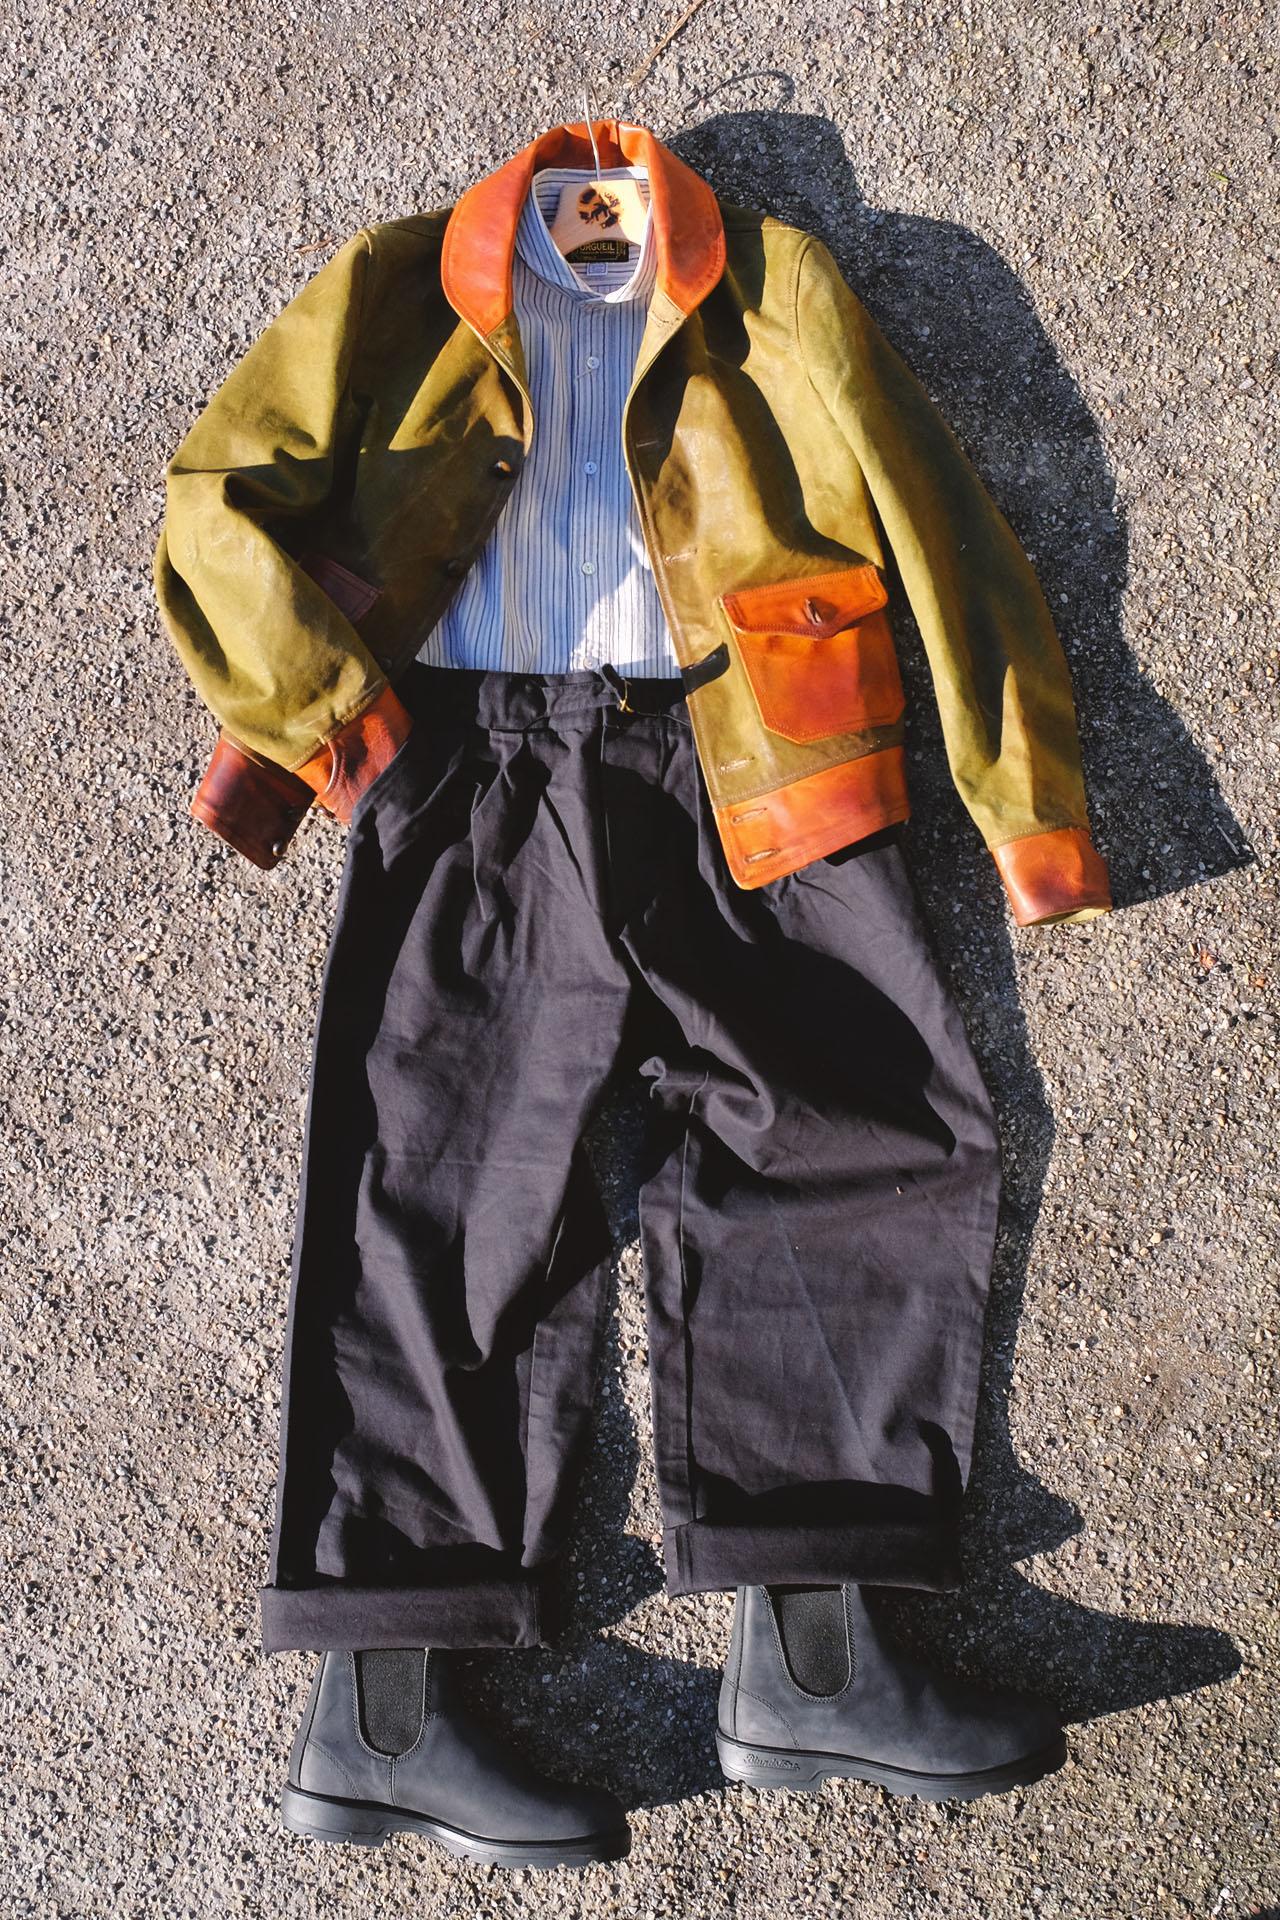 thedi-leathers-jacke-zeltplane-vintage-lederjacke-blundstones-rusticblack-orgueil-hemd-chino